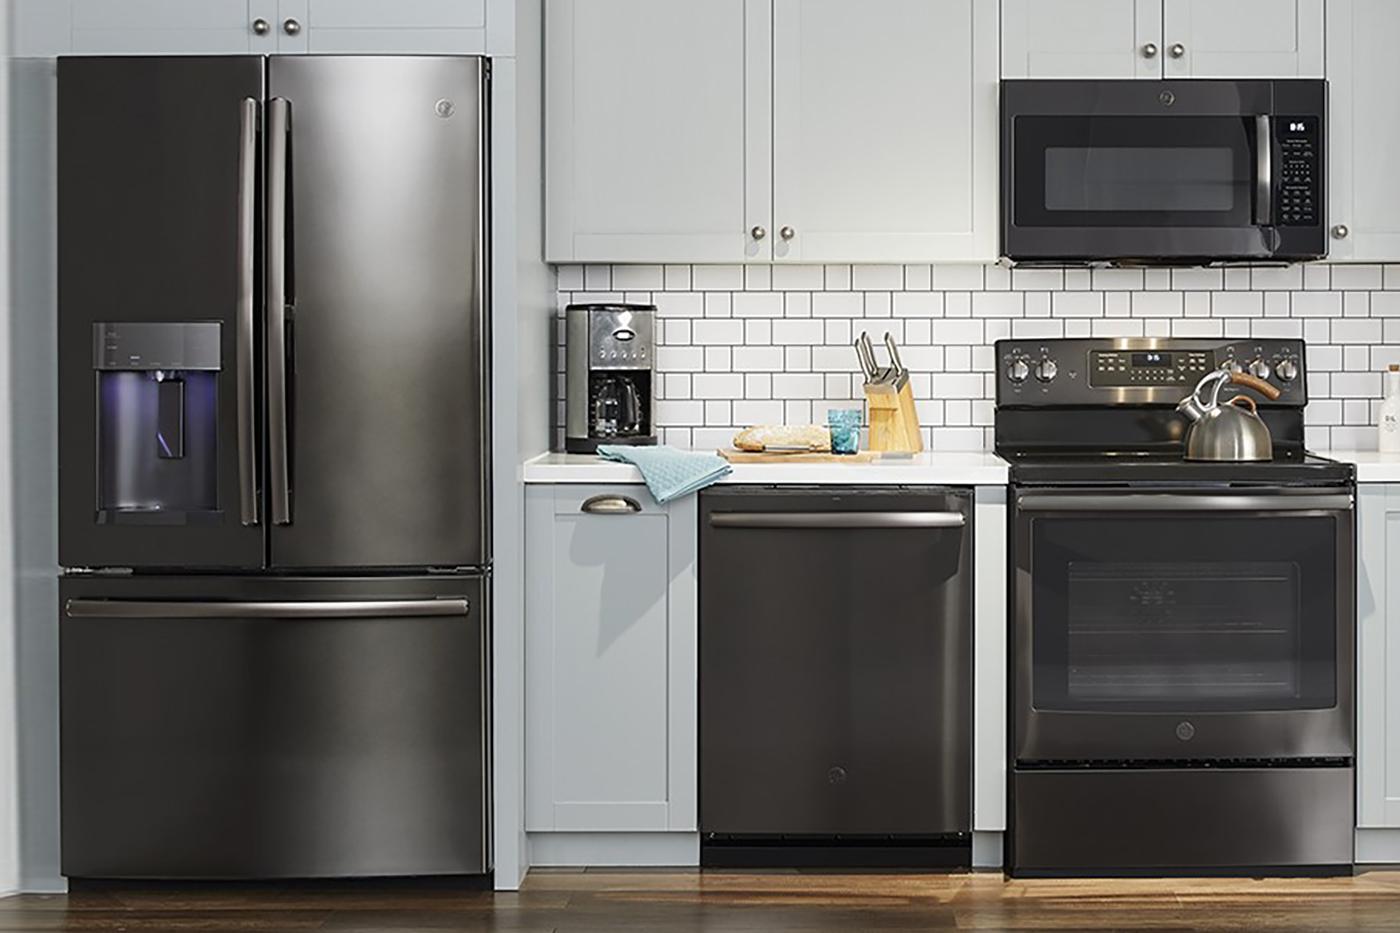 GE Premium Finish Appliances at Best Buy